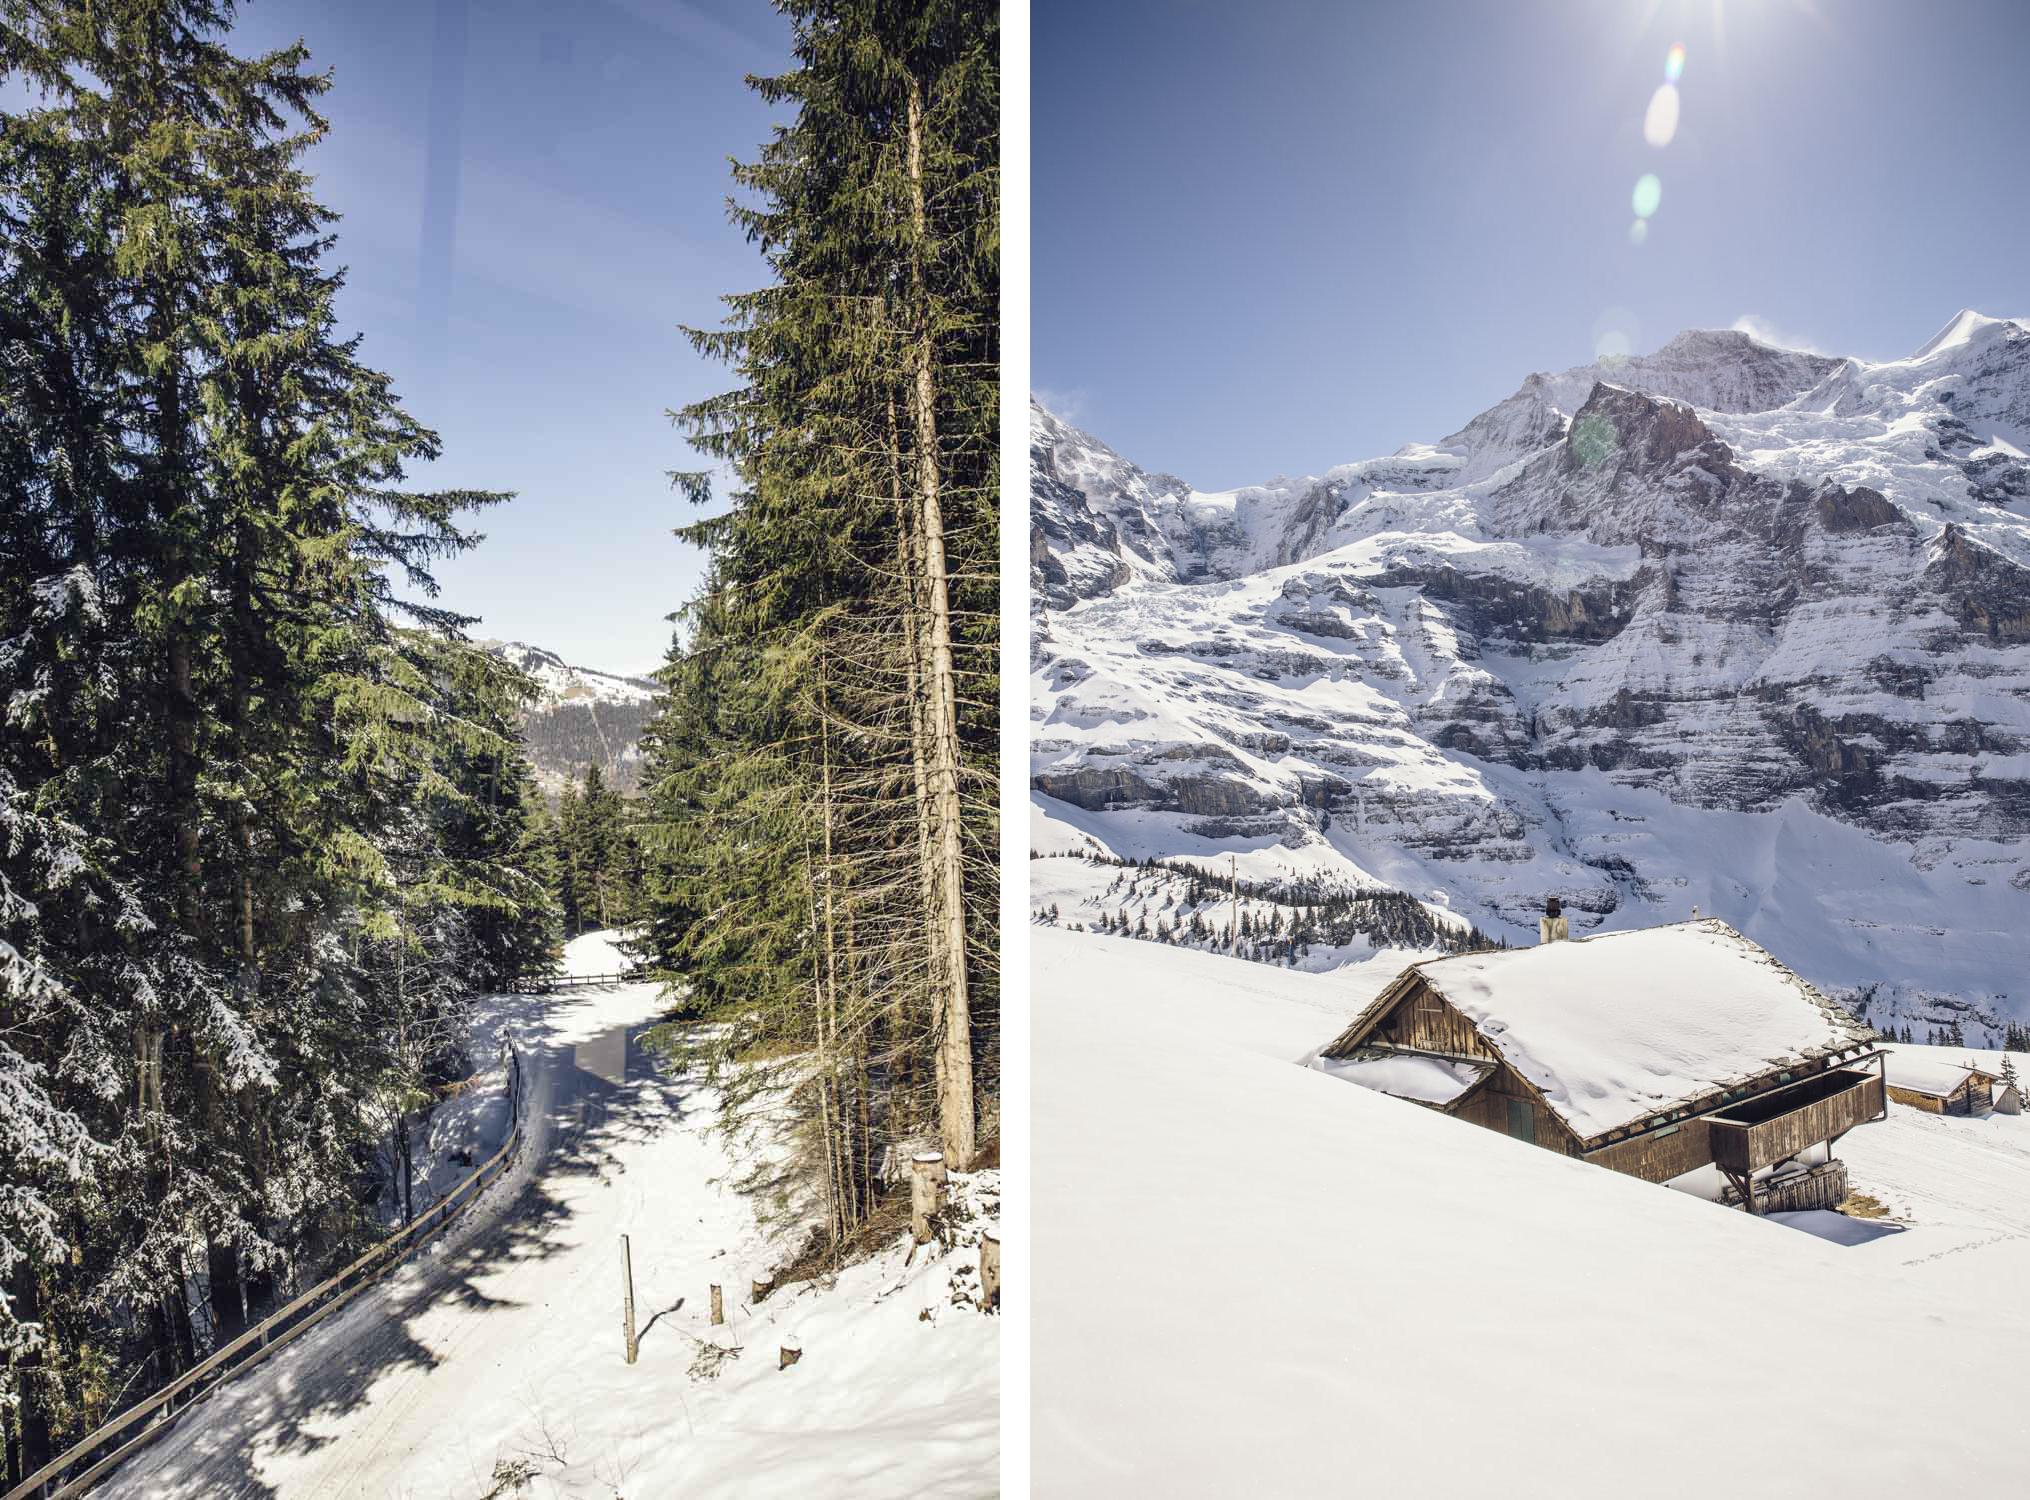 Bronwyn_Townsend_Kleine_Scheidegg_Switzerland